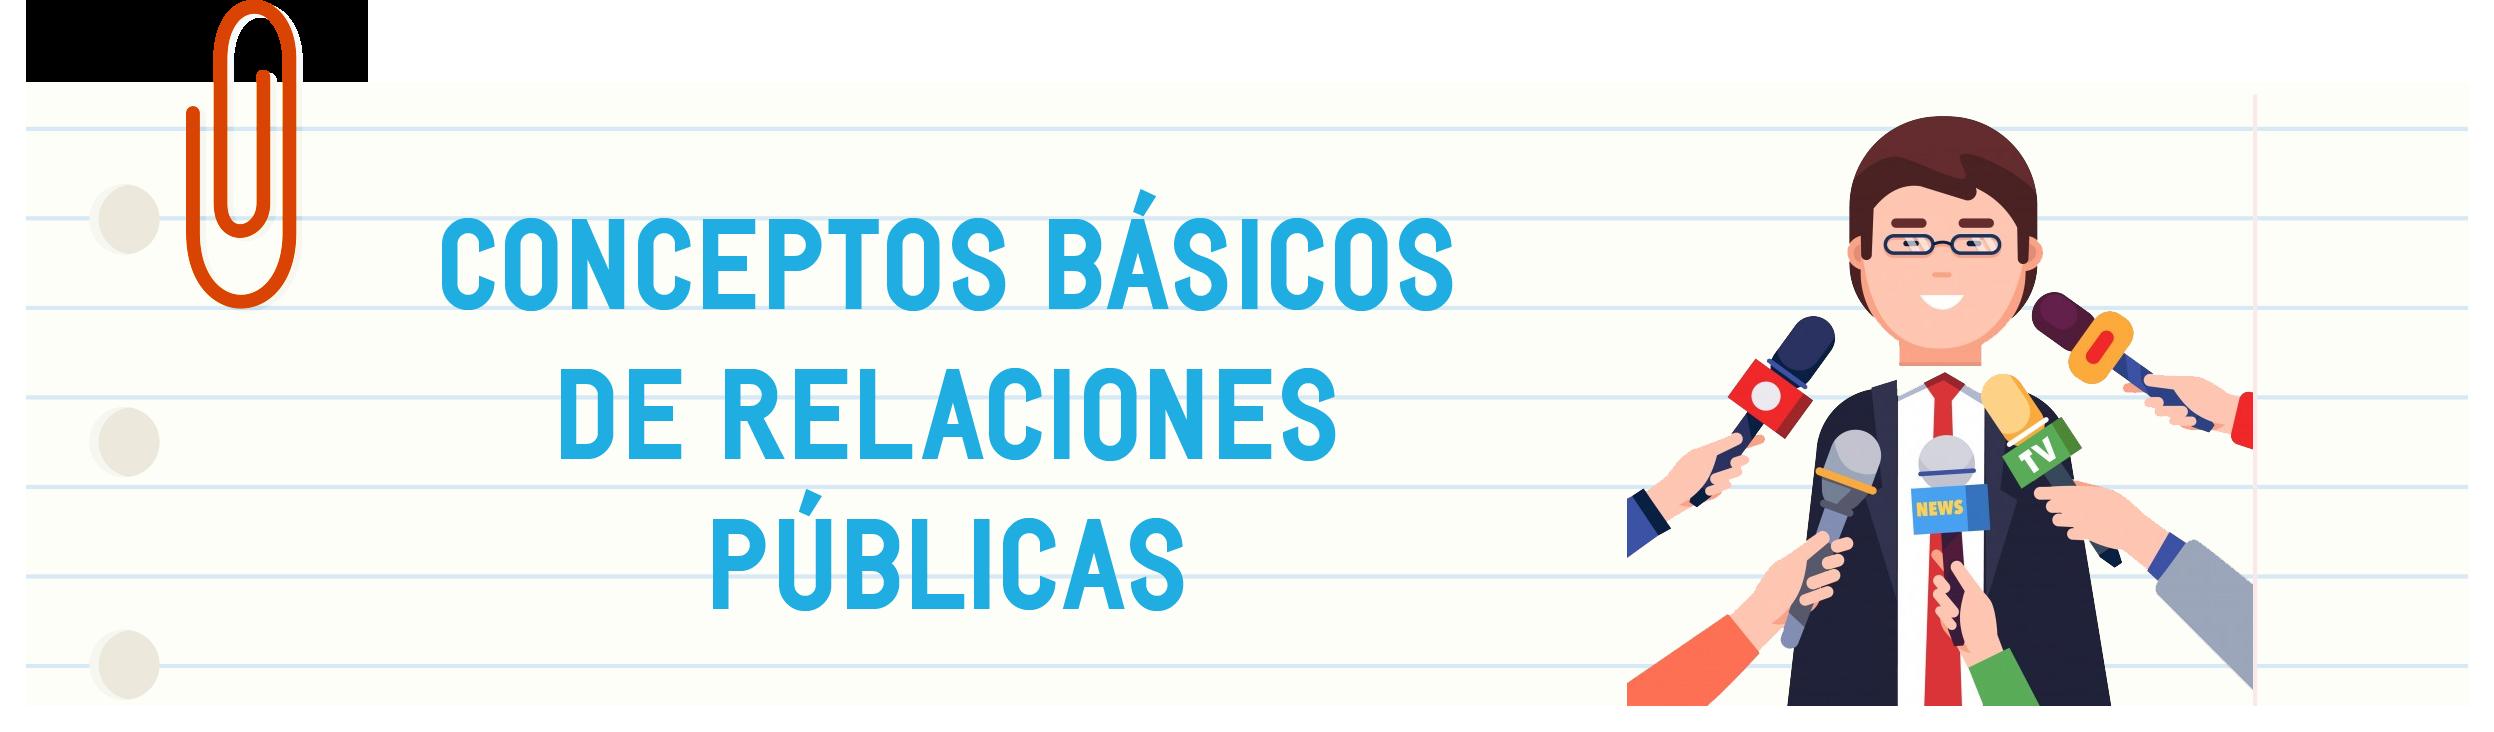 conceptos_basicos_relaciones_publicas.png